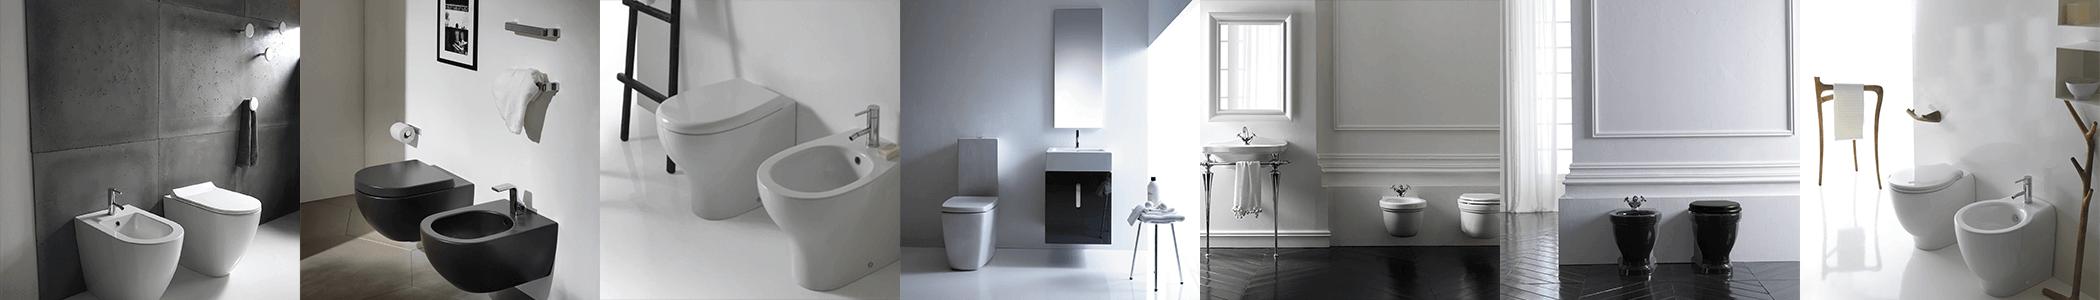 WC by Gevo